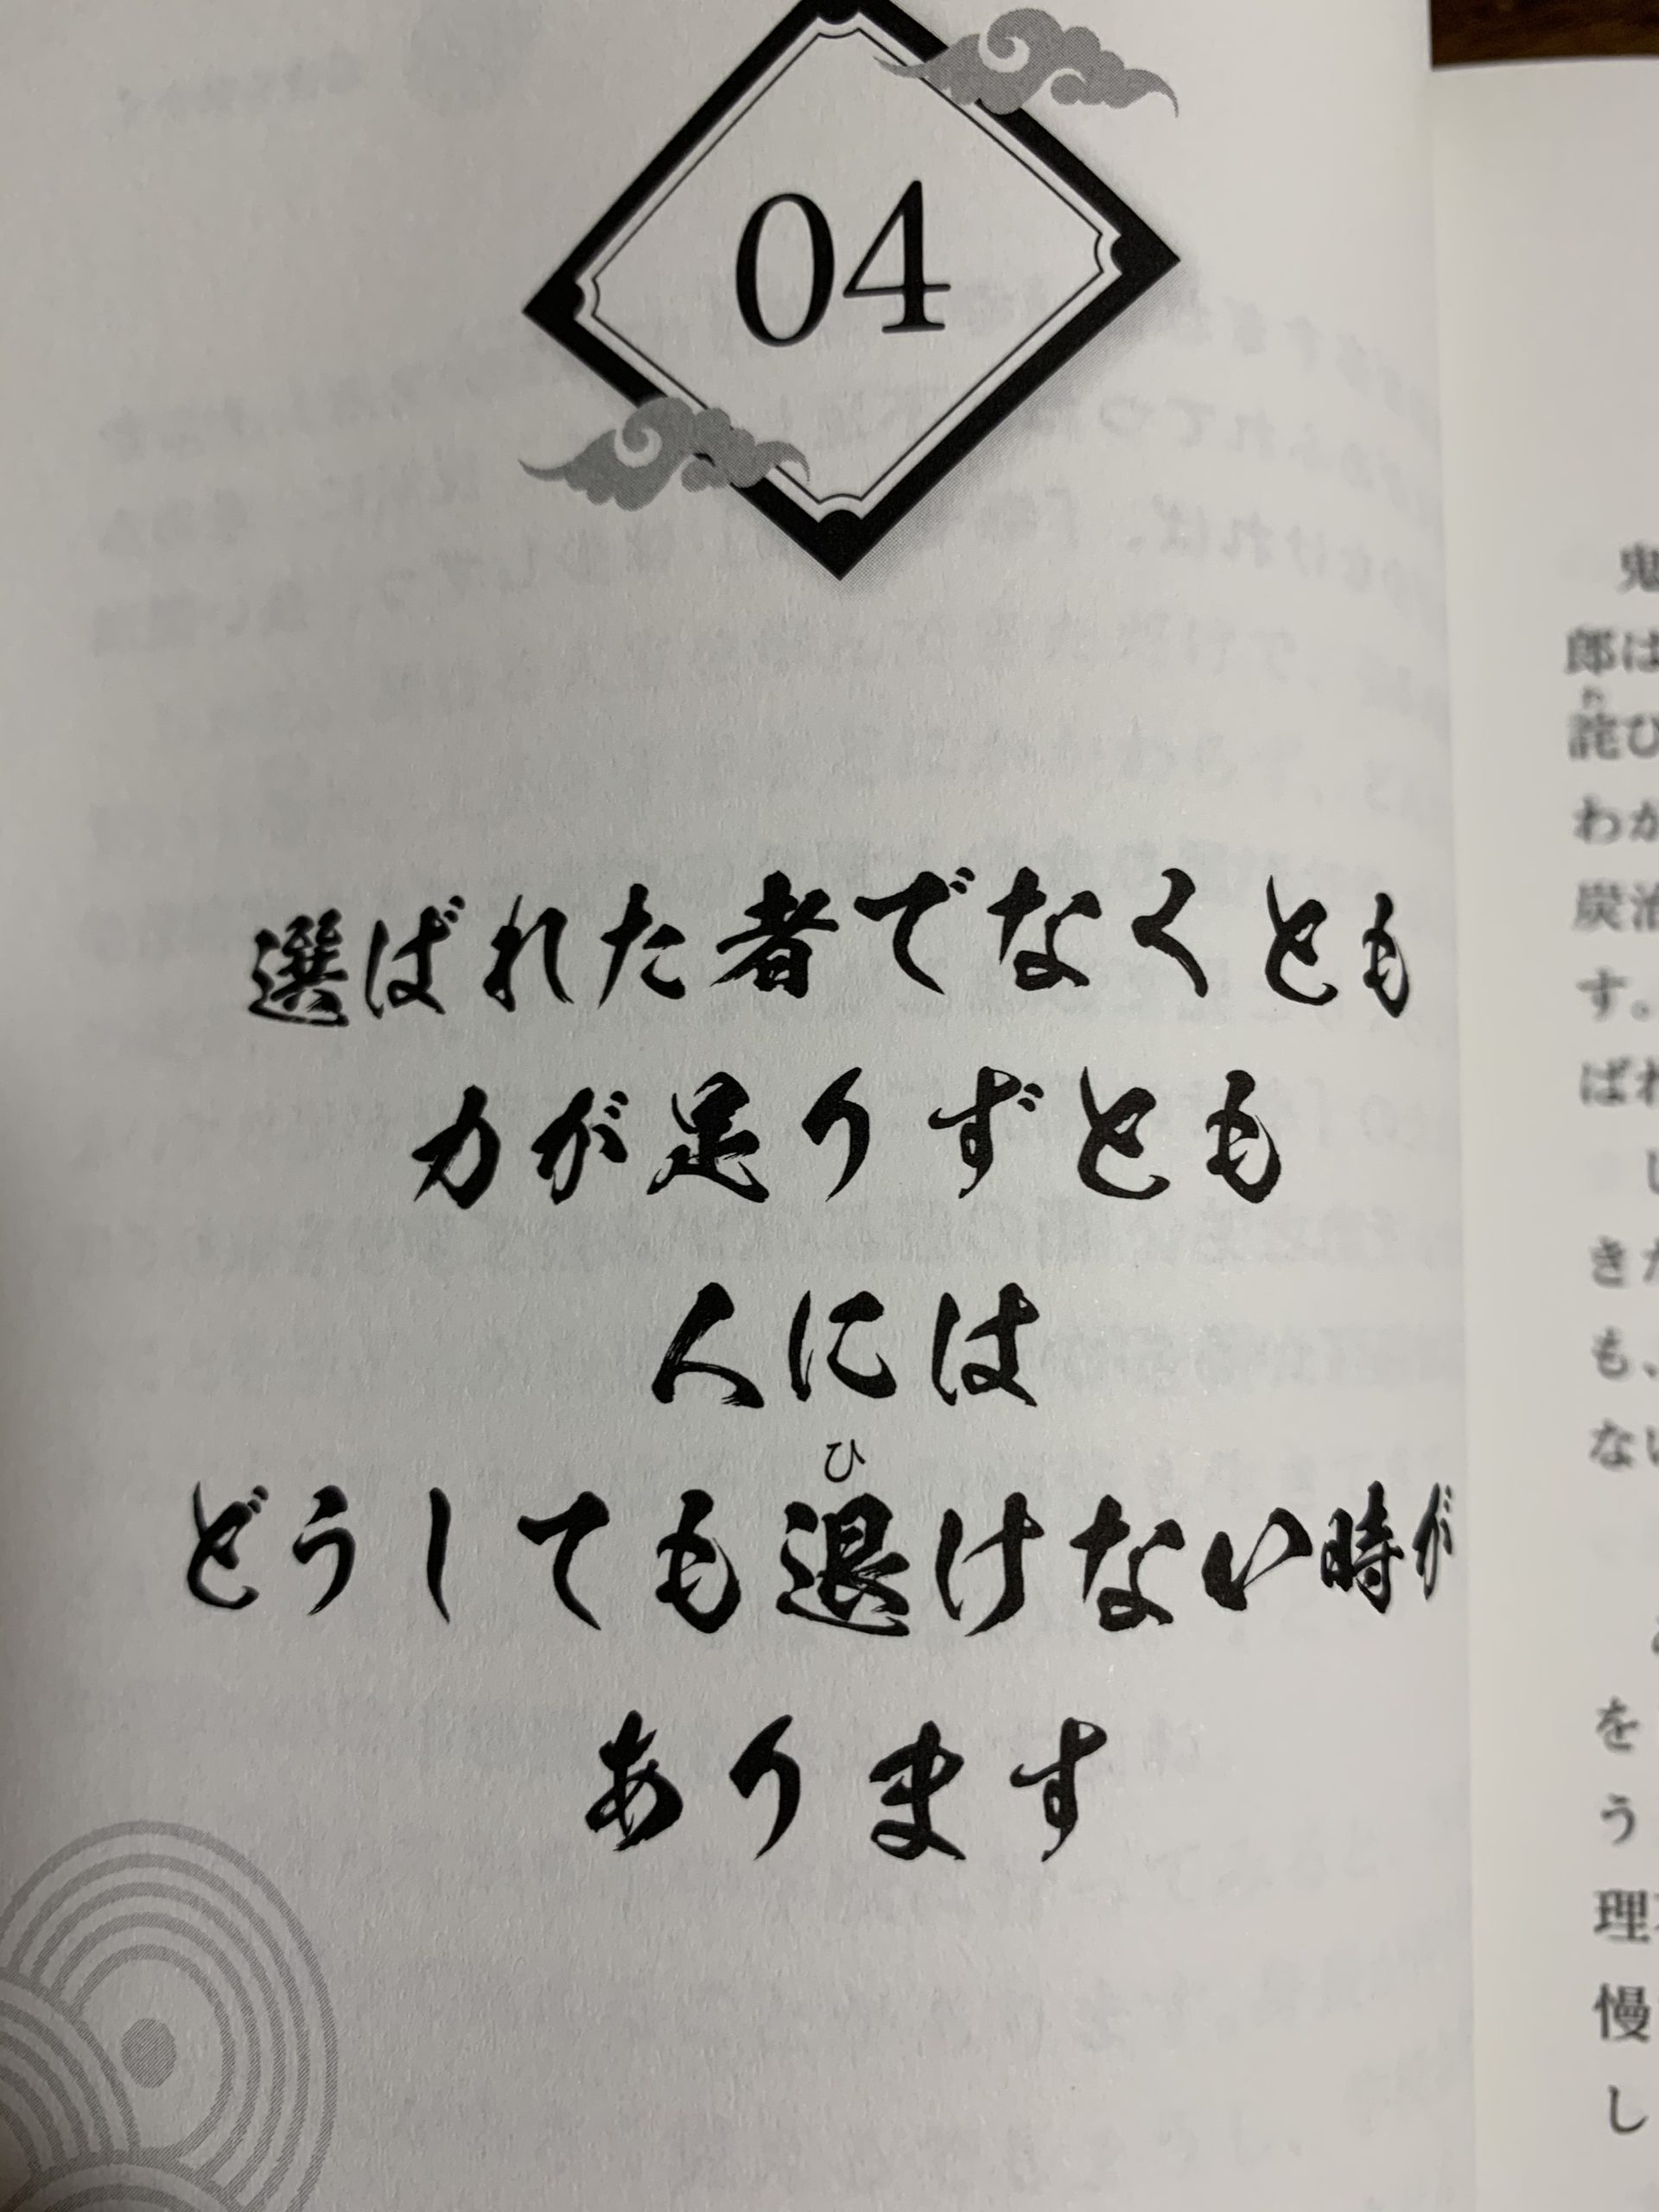 熊本の空手道場光進会